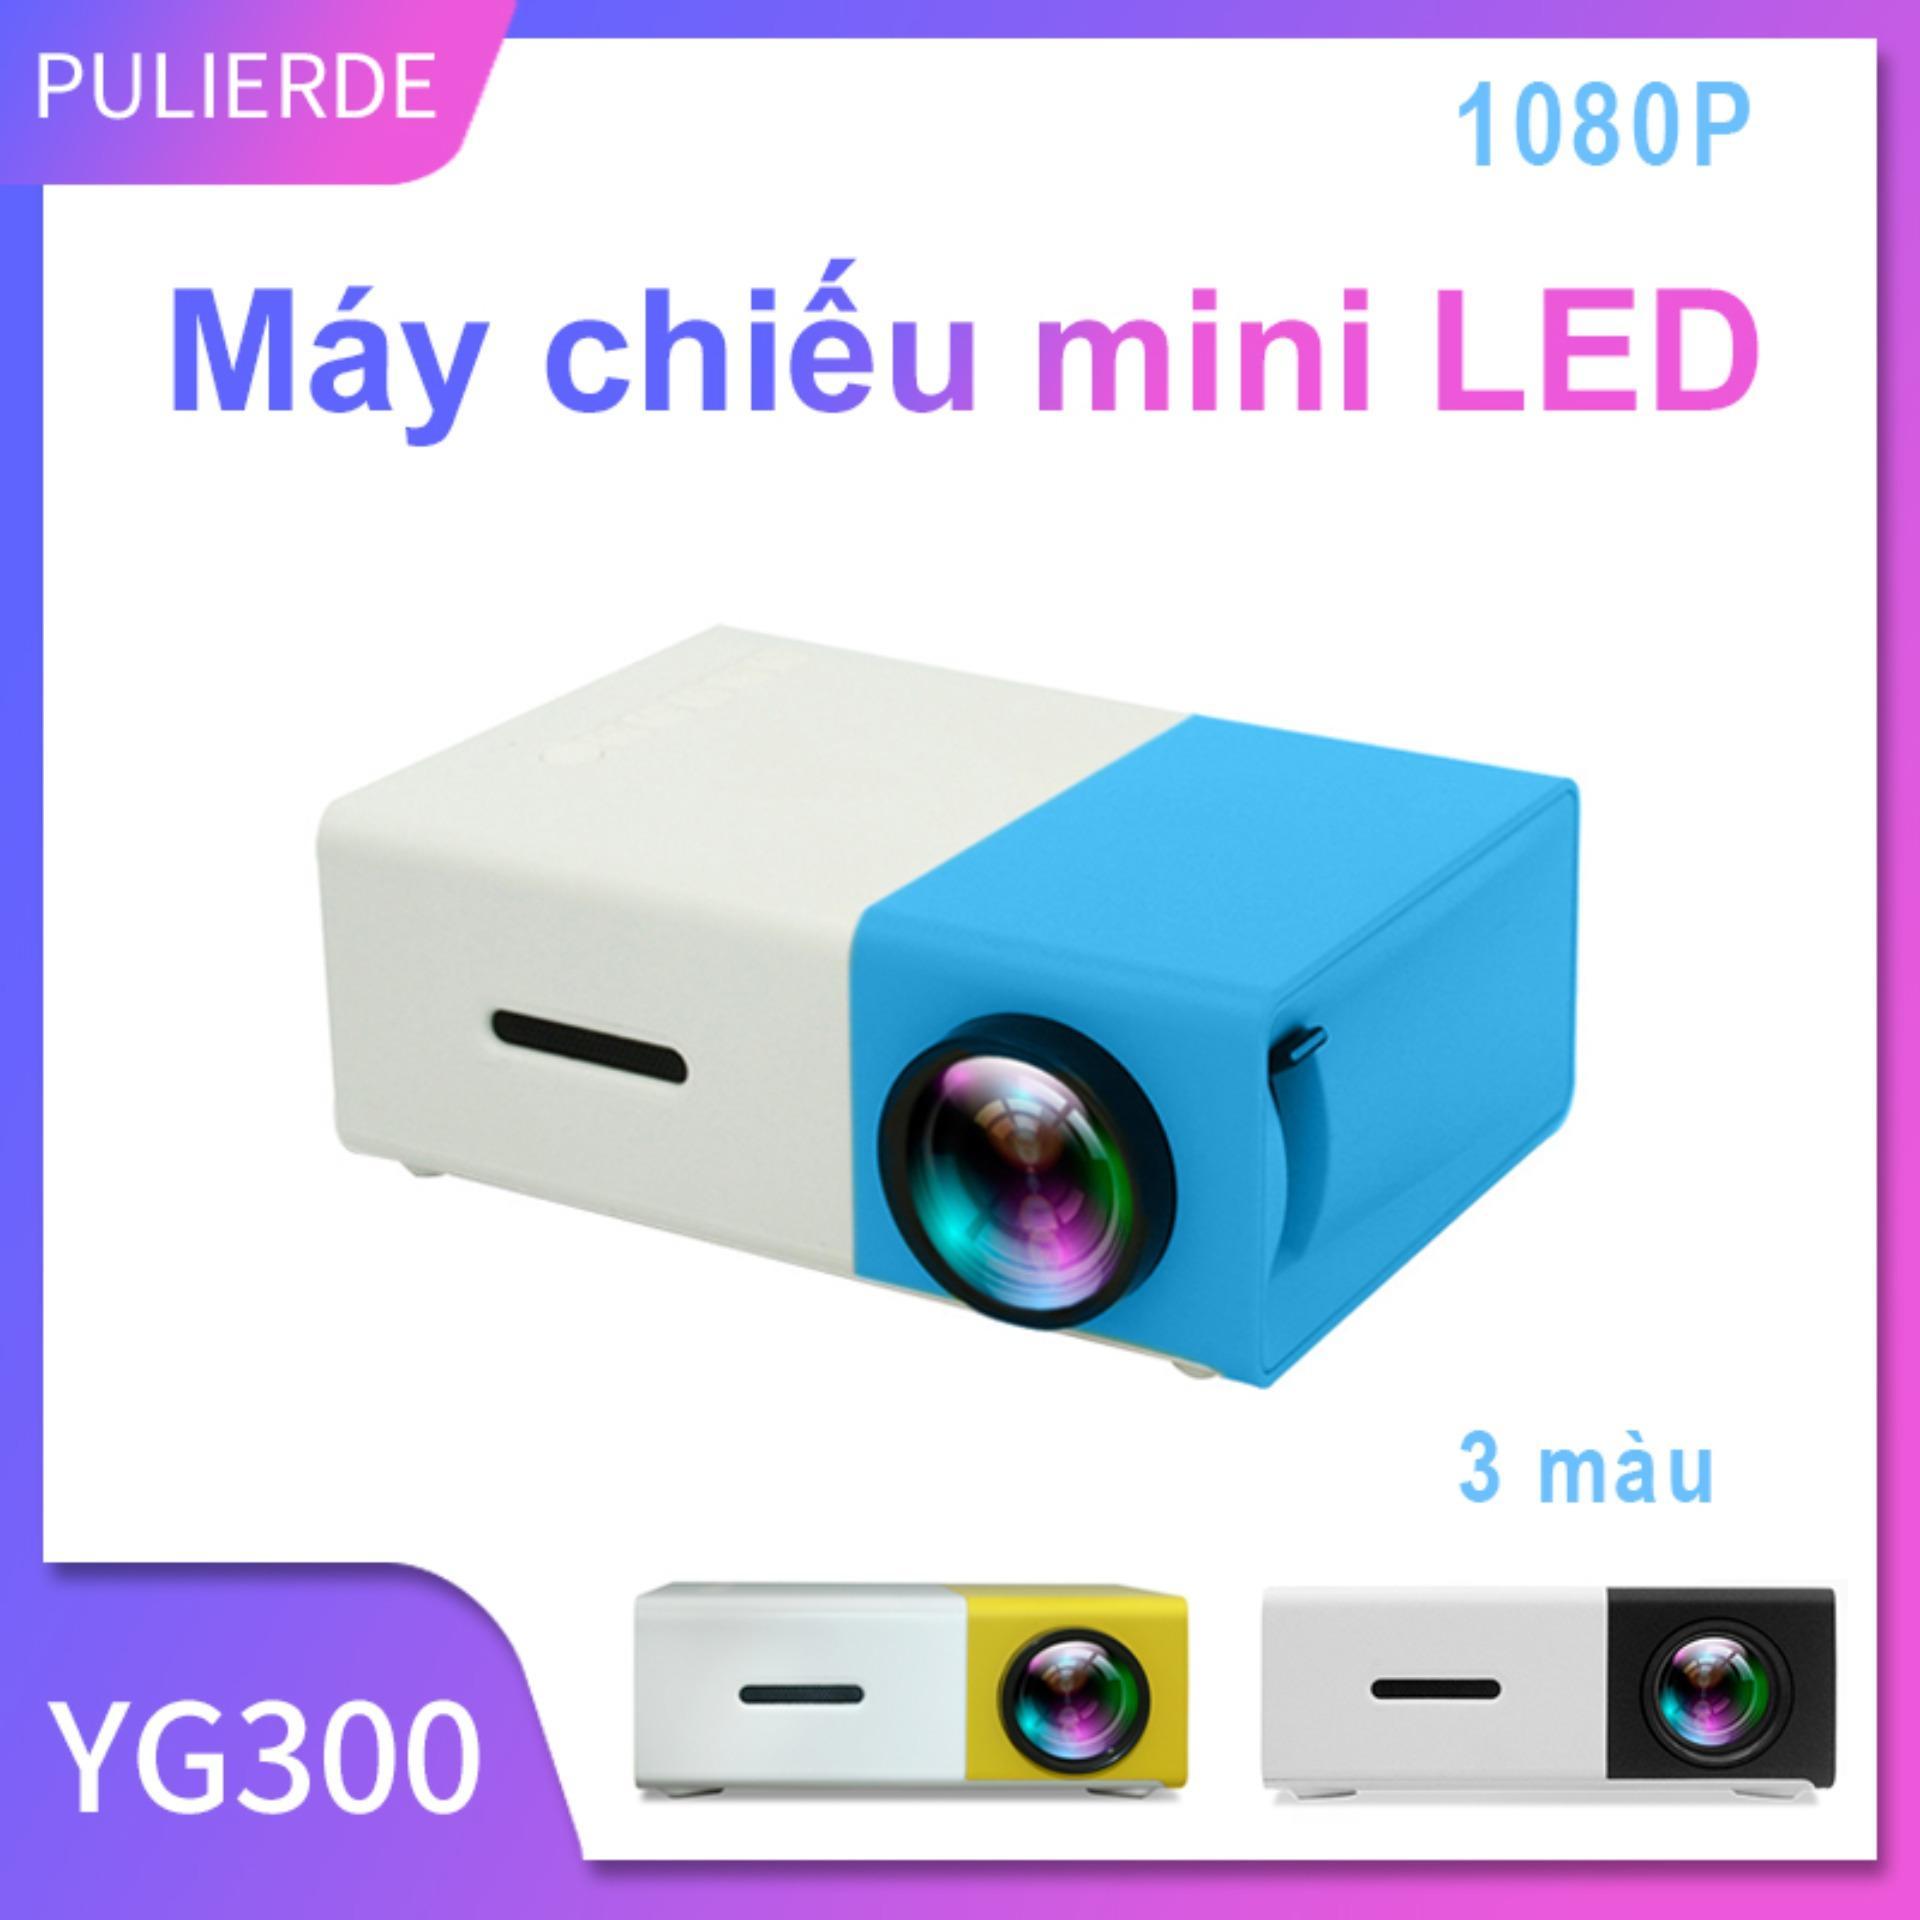 [Hot Sale][Máy chiếu đa phương tiện] Sản phẩm Máy chiếu LED YG300 600 lumen mini cho điện thoại laptop hỗ trợ độ phân giải 320x240 Pixels máy chiếu cho gia đình